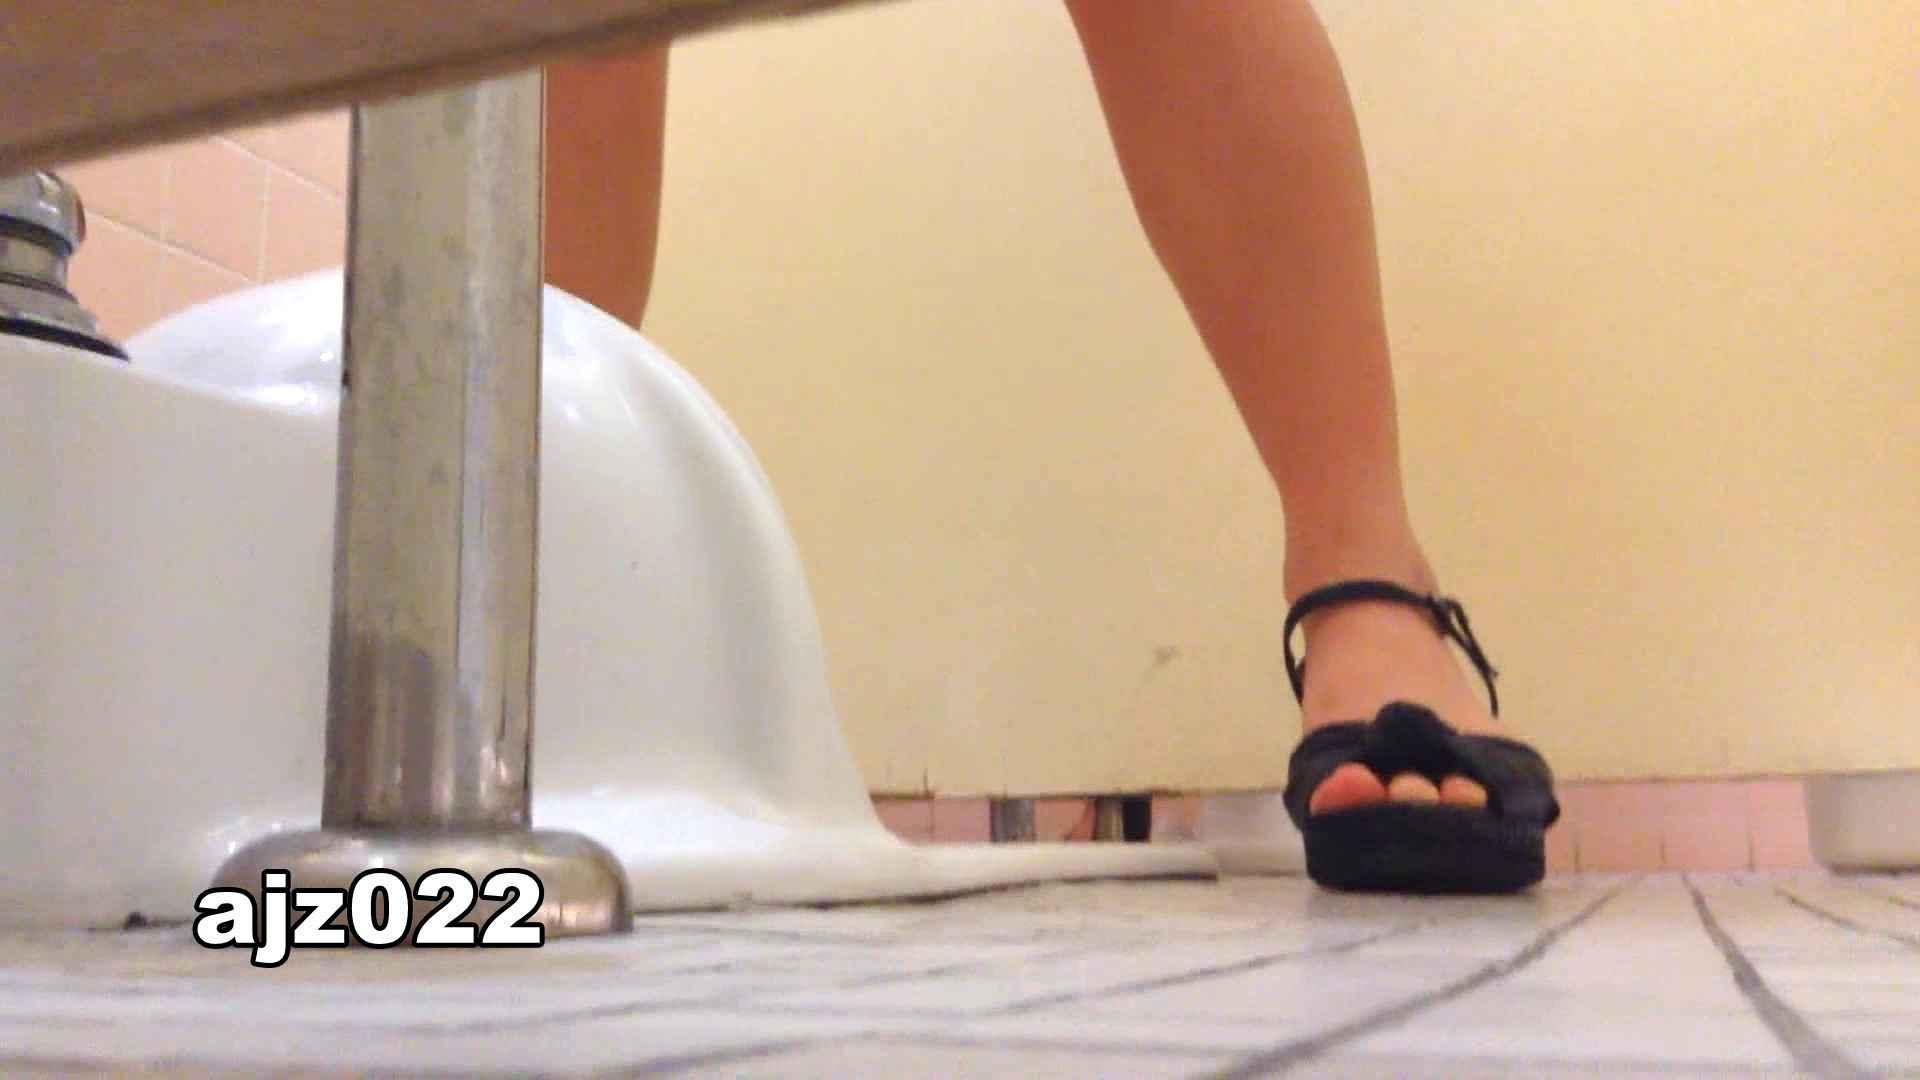 某有名大学女性洗面所 vol.22 和式トイレ ワレメ無修正動画無料 107pic 35